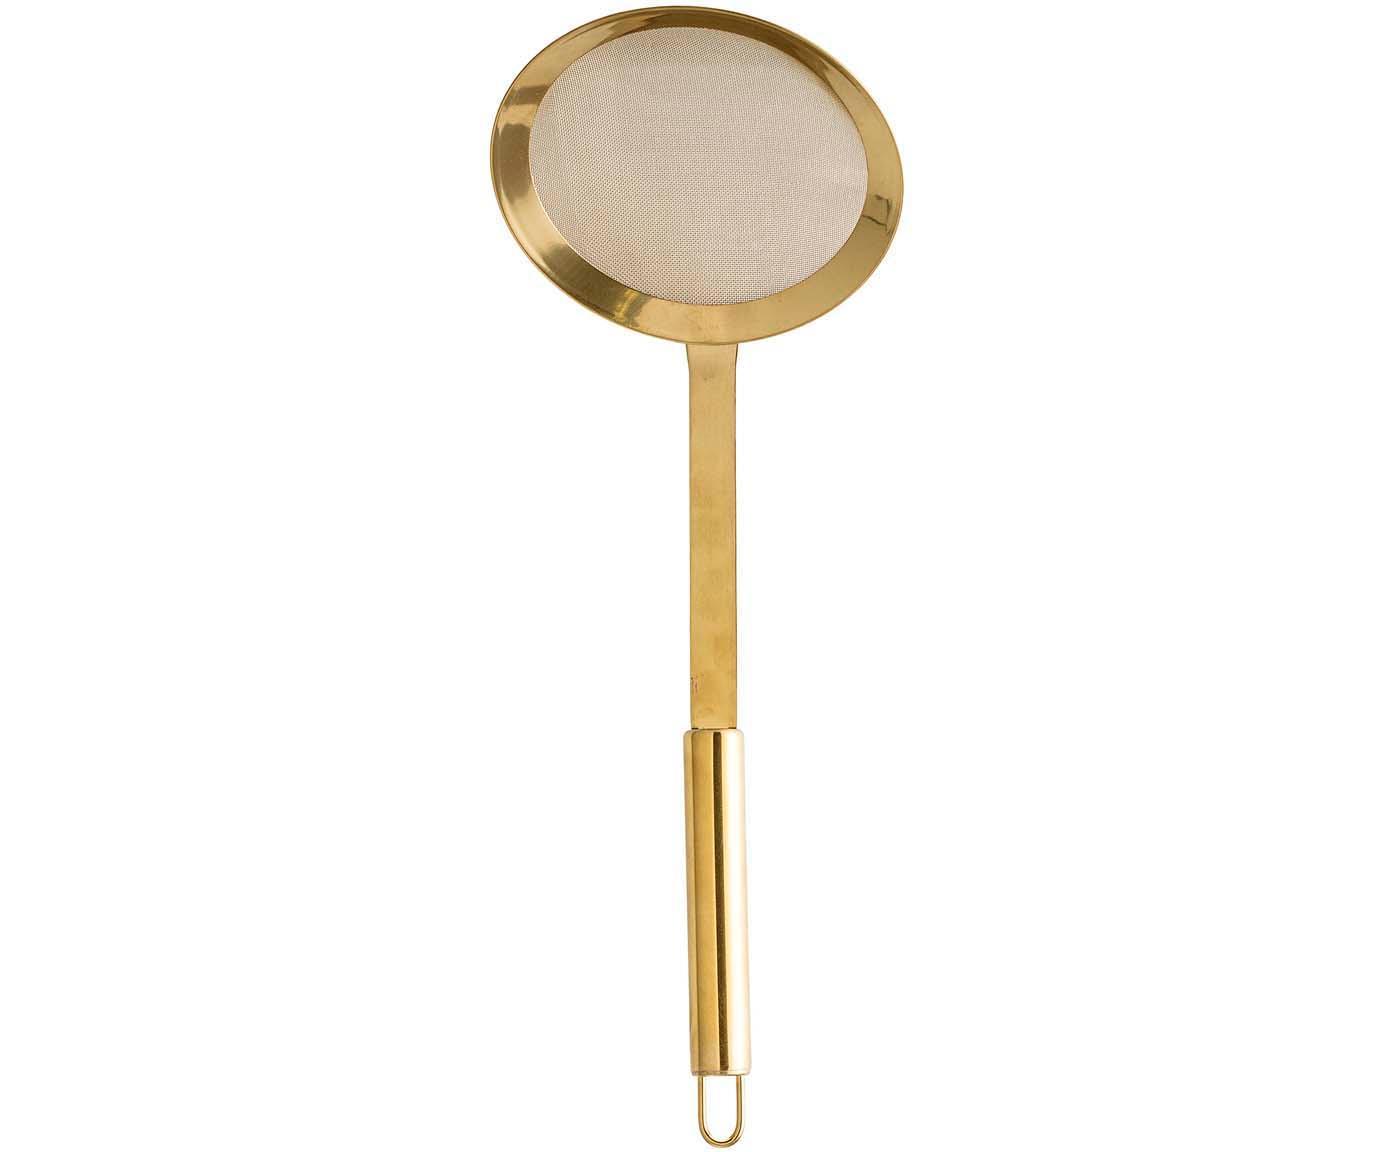 Schuimspaan Mingolet, Gecoat edelstaal, Messingkleurig, Ø 13 x L 35 cm